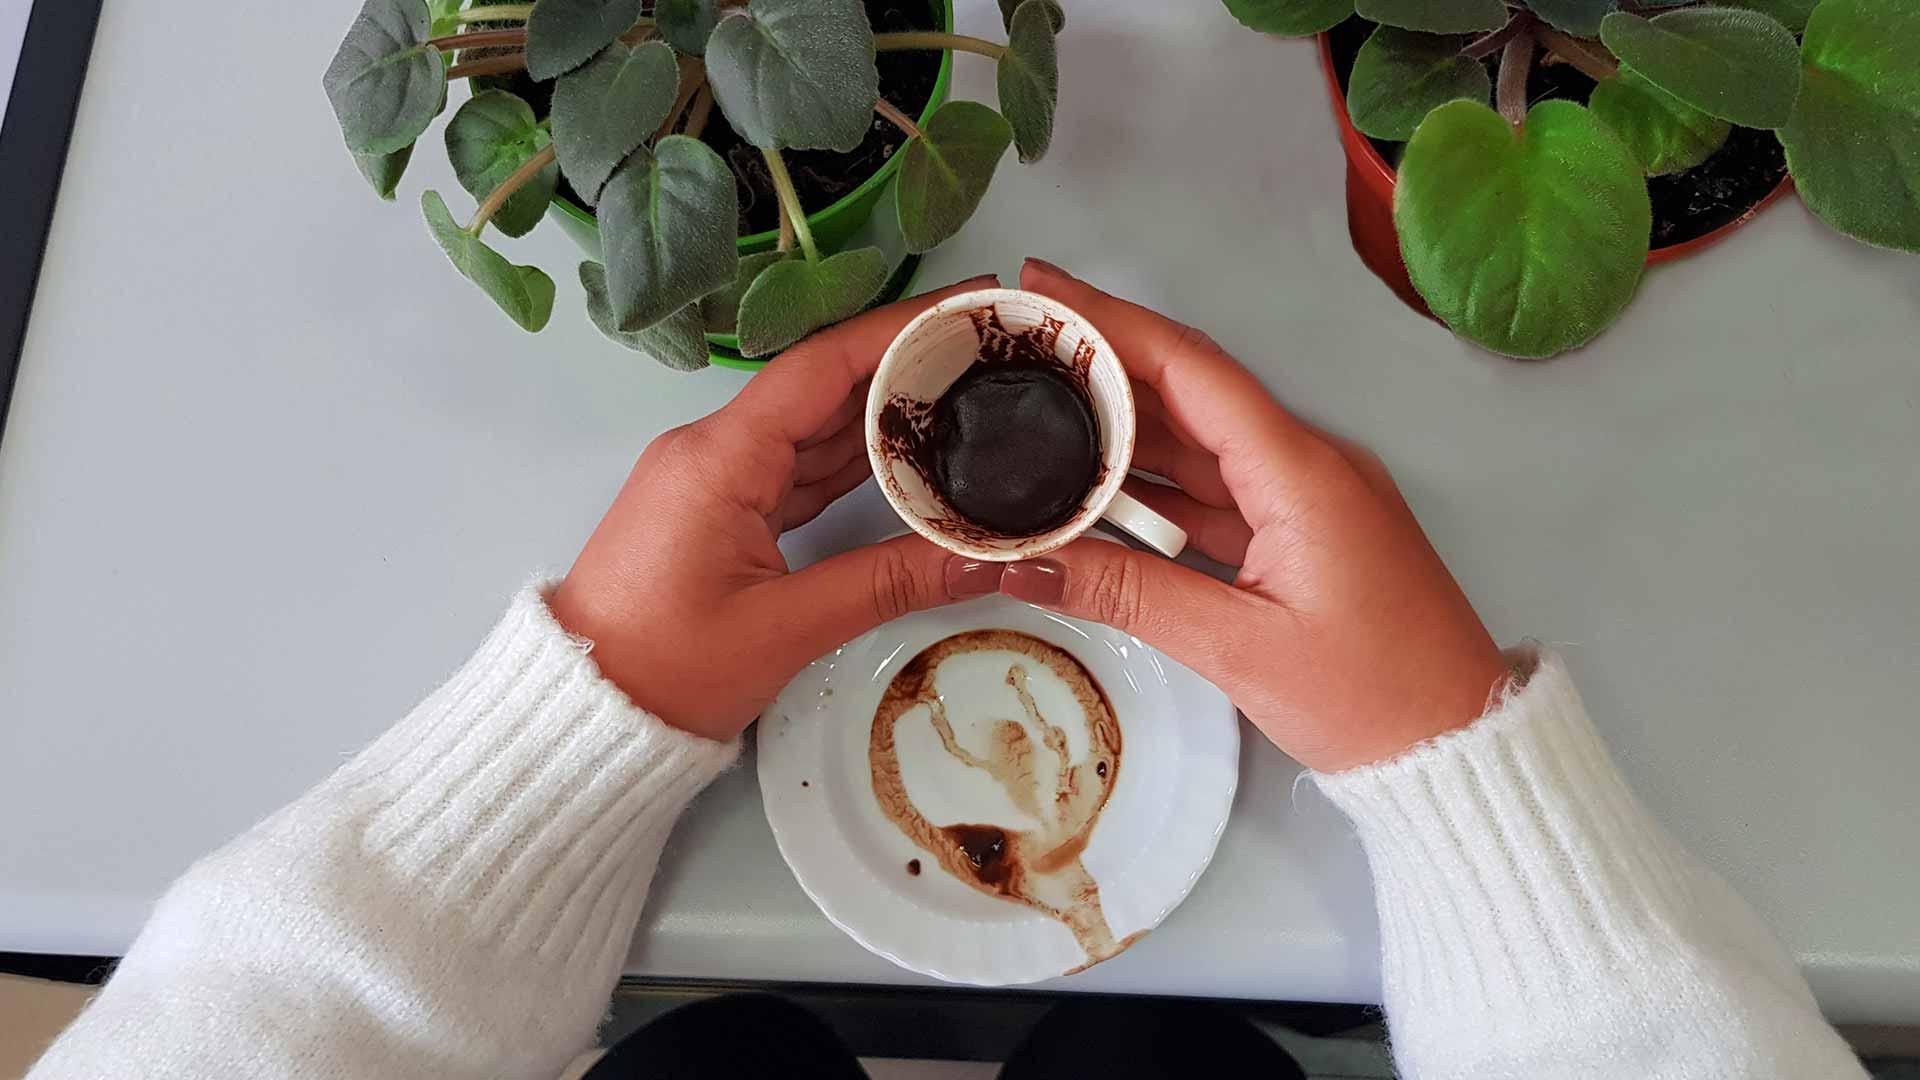 Kahve Falında Dua Eden Kişi Görmek?fit=thumb&w=418&h=152&q=80